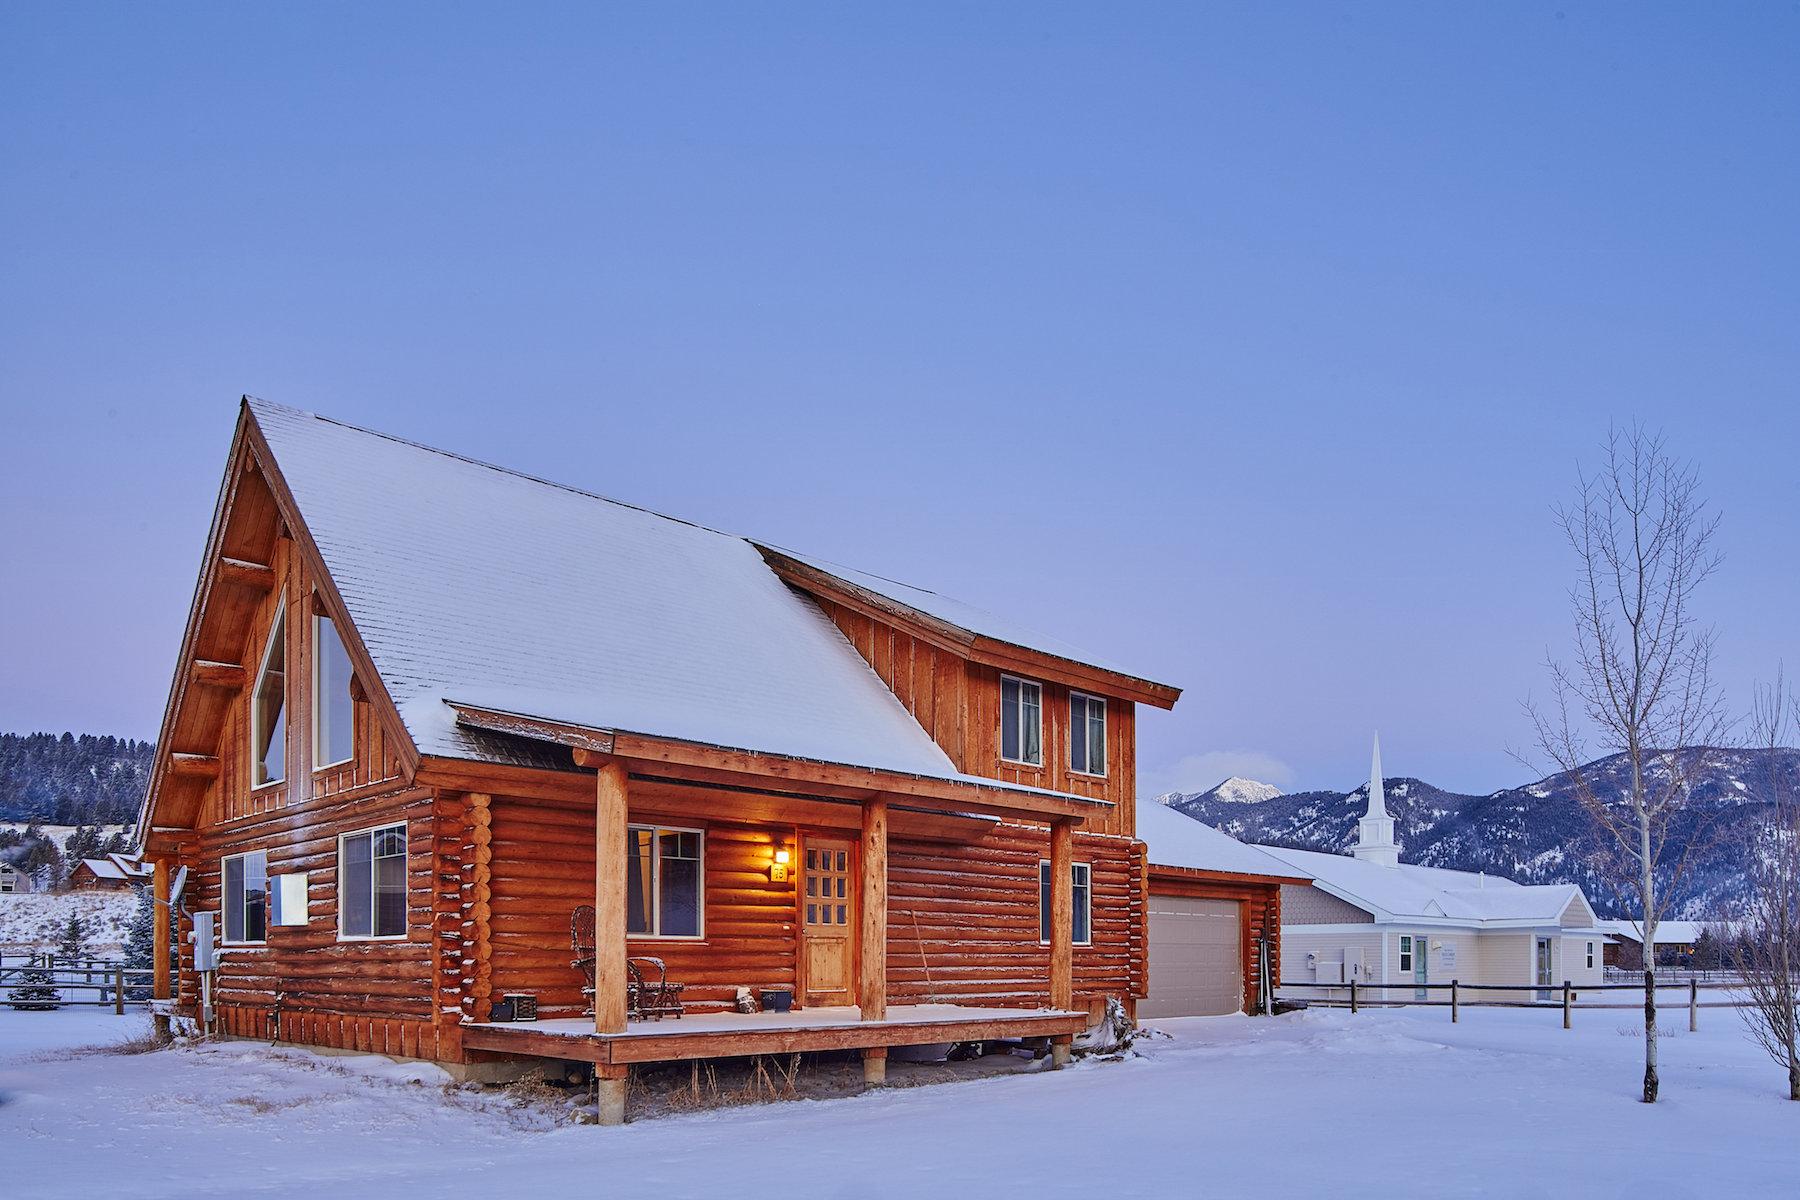 단독 가정 주택 용 매매 에 Great Log Home in Quiet Neighborhood 75 Blacktail Lane Big Sky, 몬타나 59716 미국